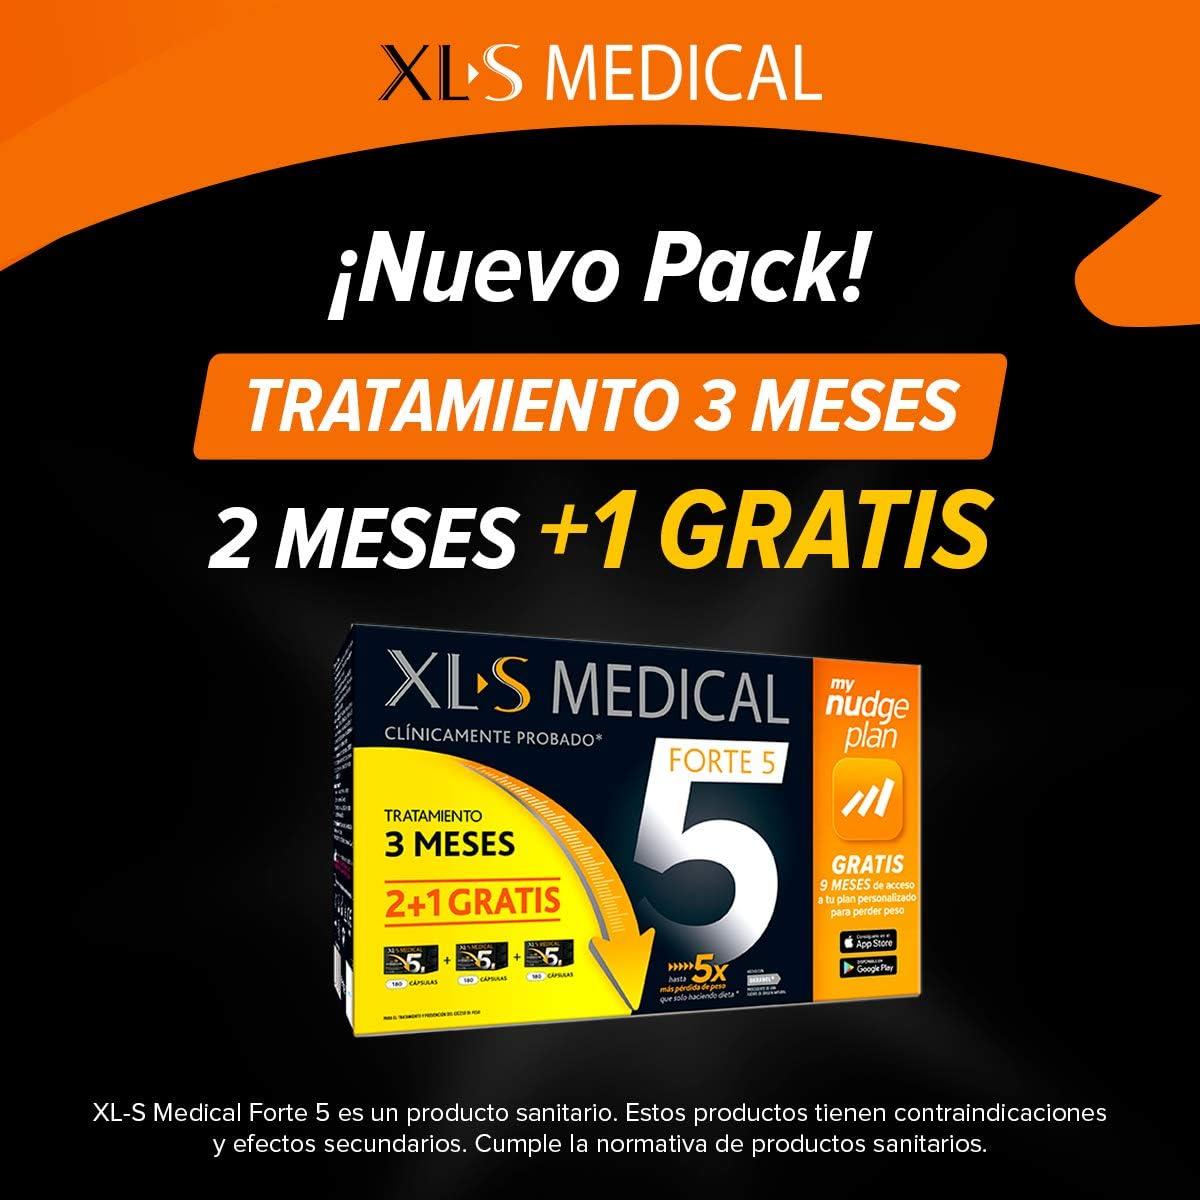 540 cápsulas para perder peso XL-S Medical Forte 5 + Plan nudge & Servicio nutricionista por 108,80€ ¡¡Ahorras 27€!!